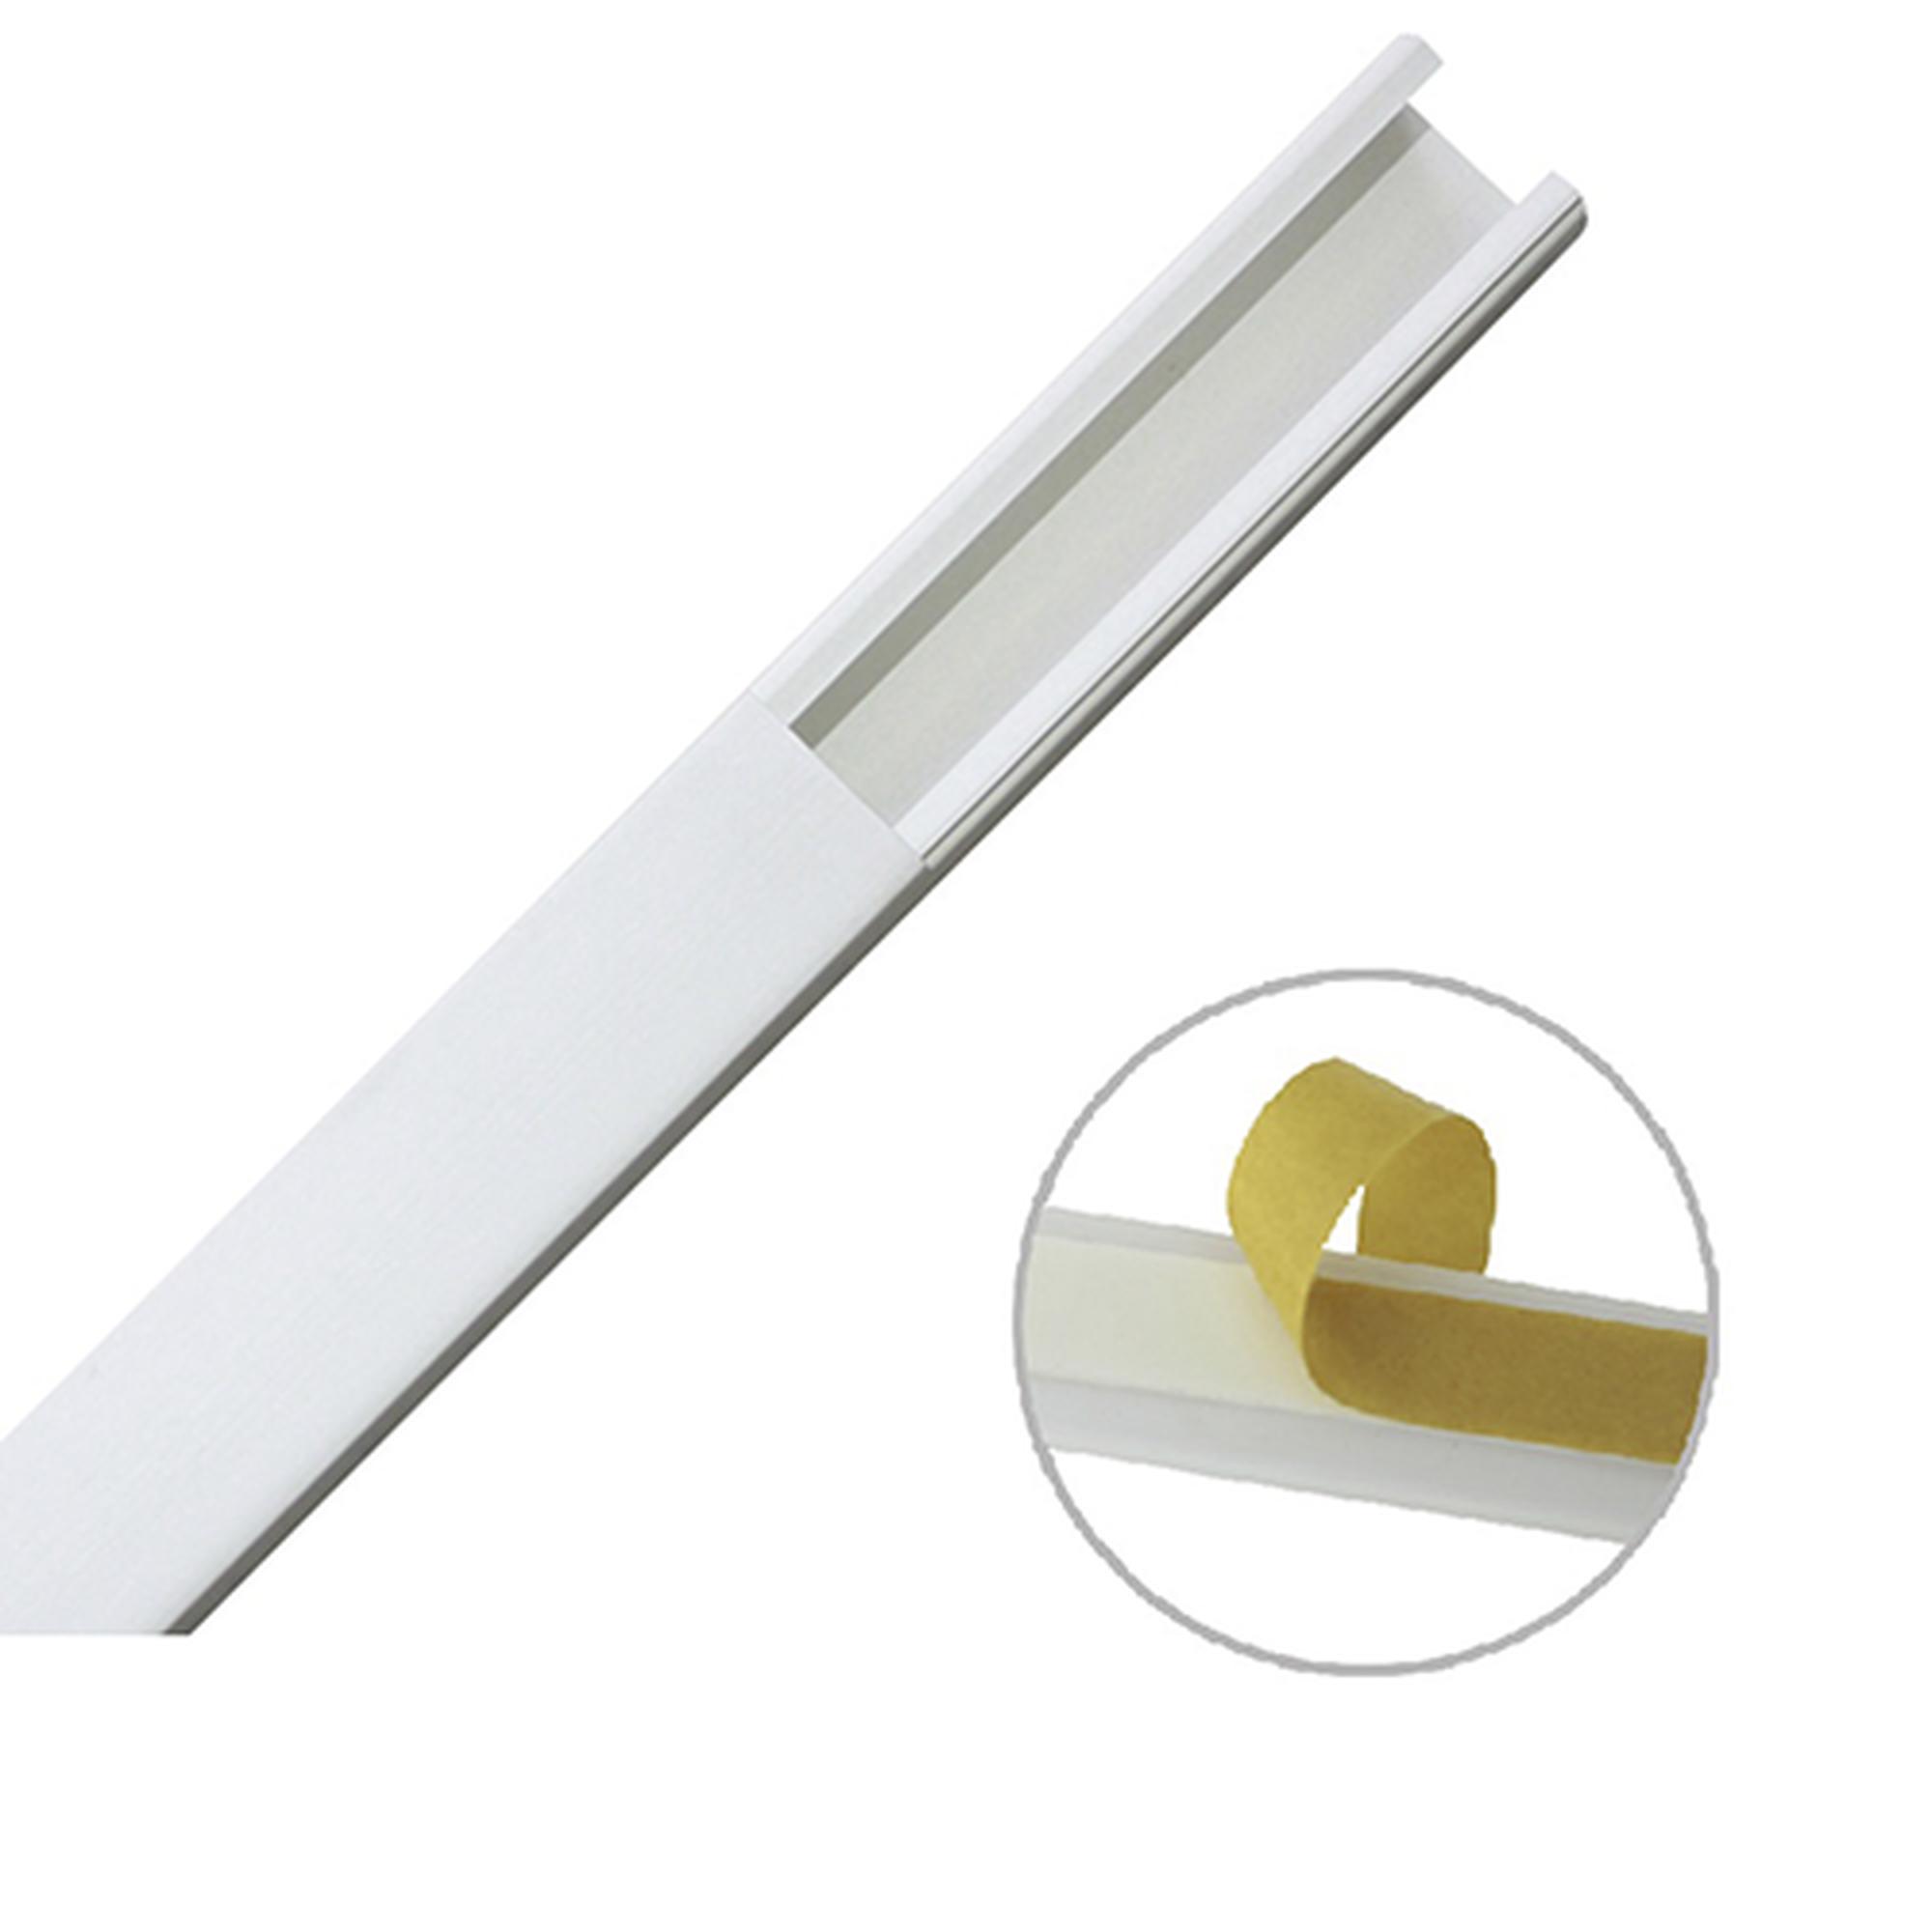 Canaleta color blanco de PVC auto extinguible de una vía, 20 x 17 mm tramo 6 pies, con cinta adhesiva (5201-21252)